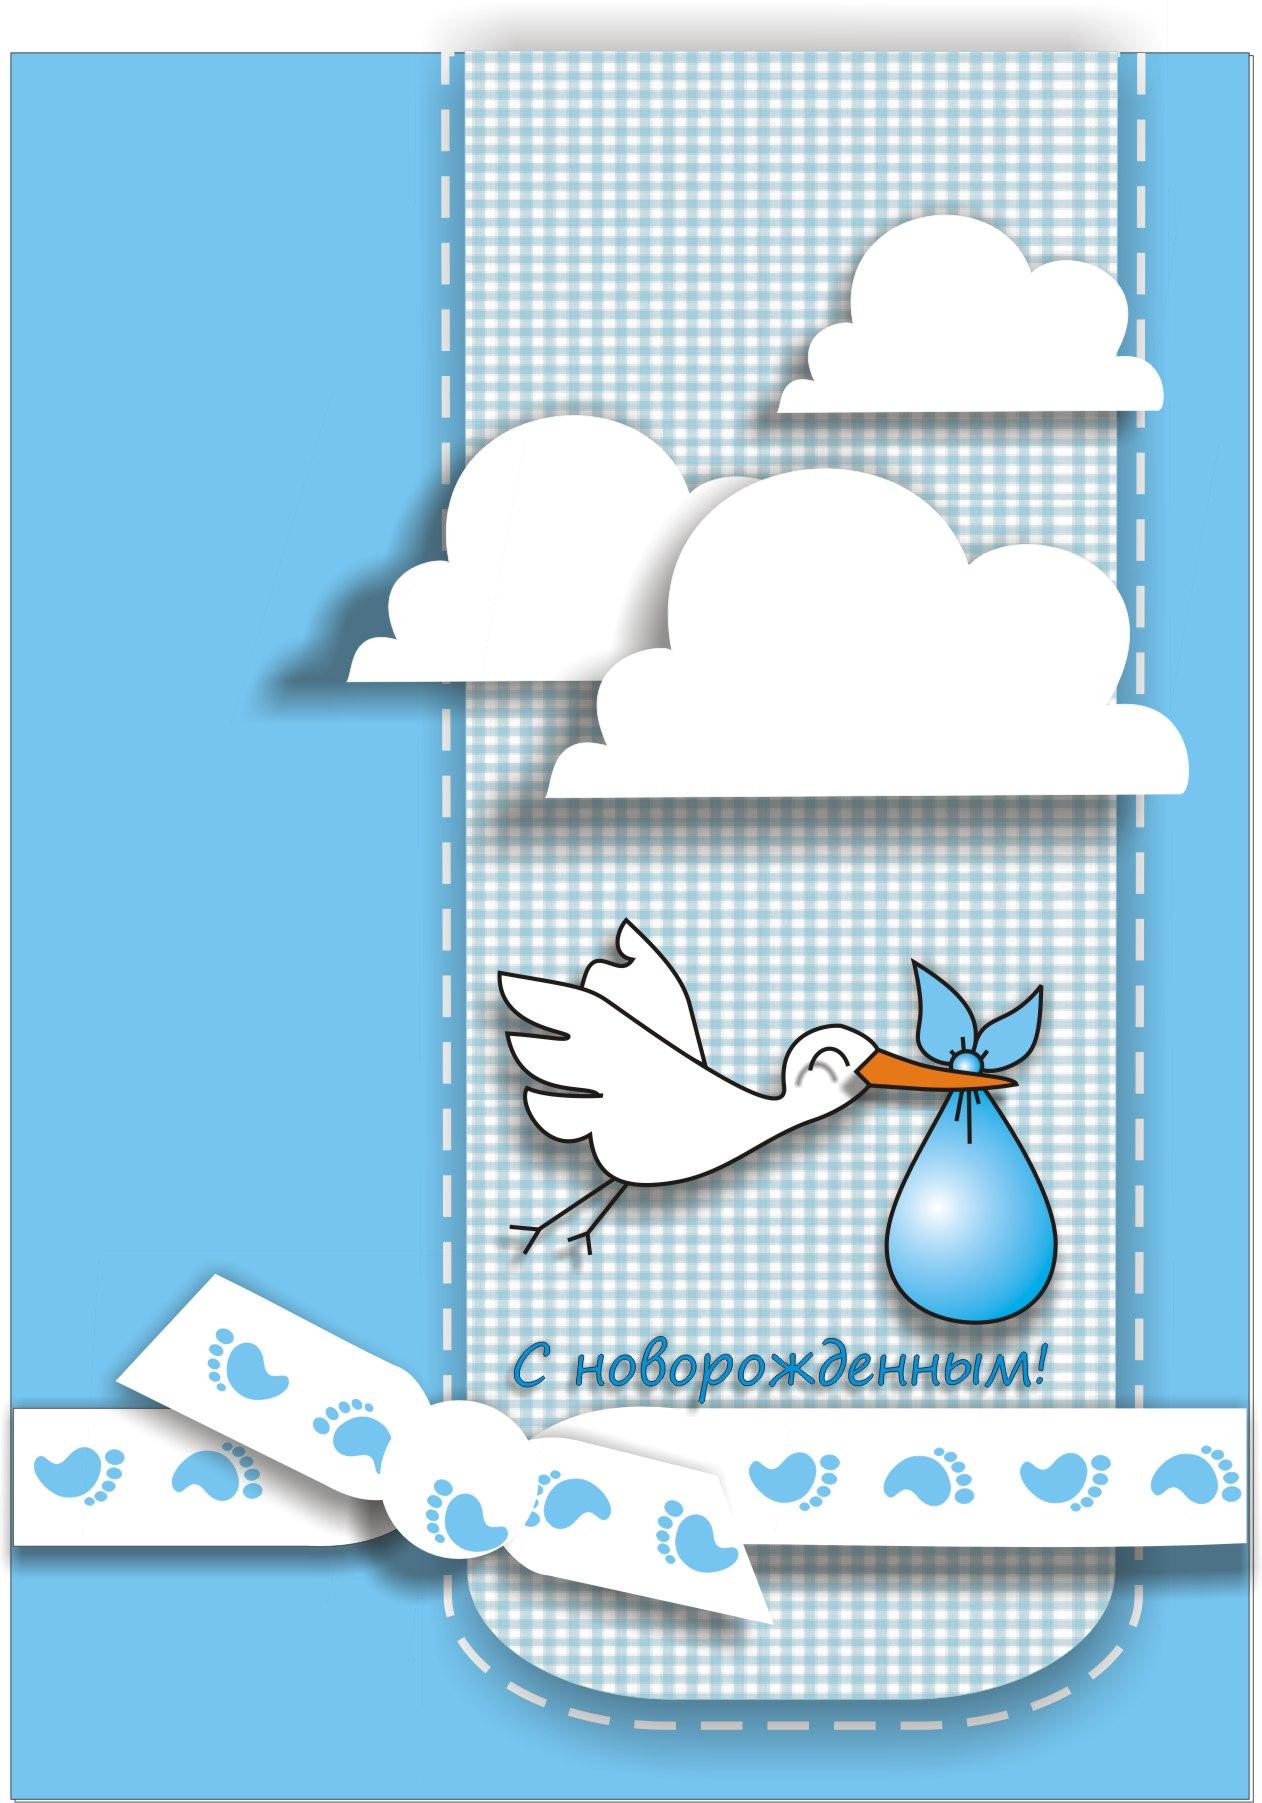 Поздравление с новорожденным открытки